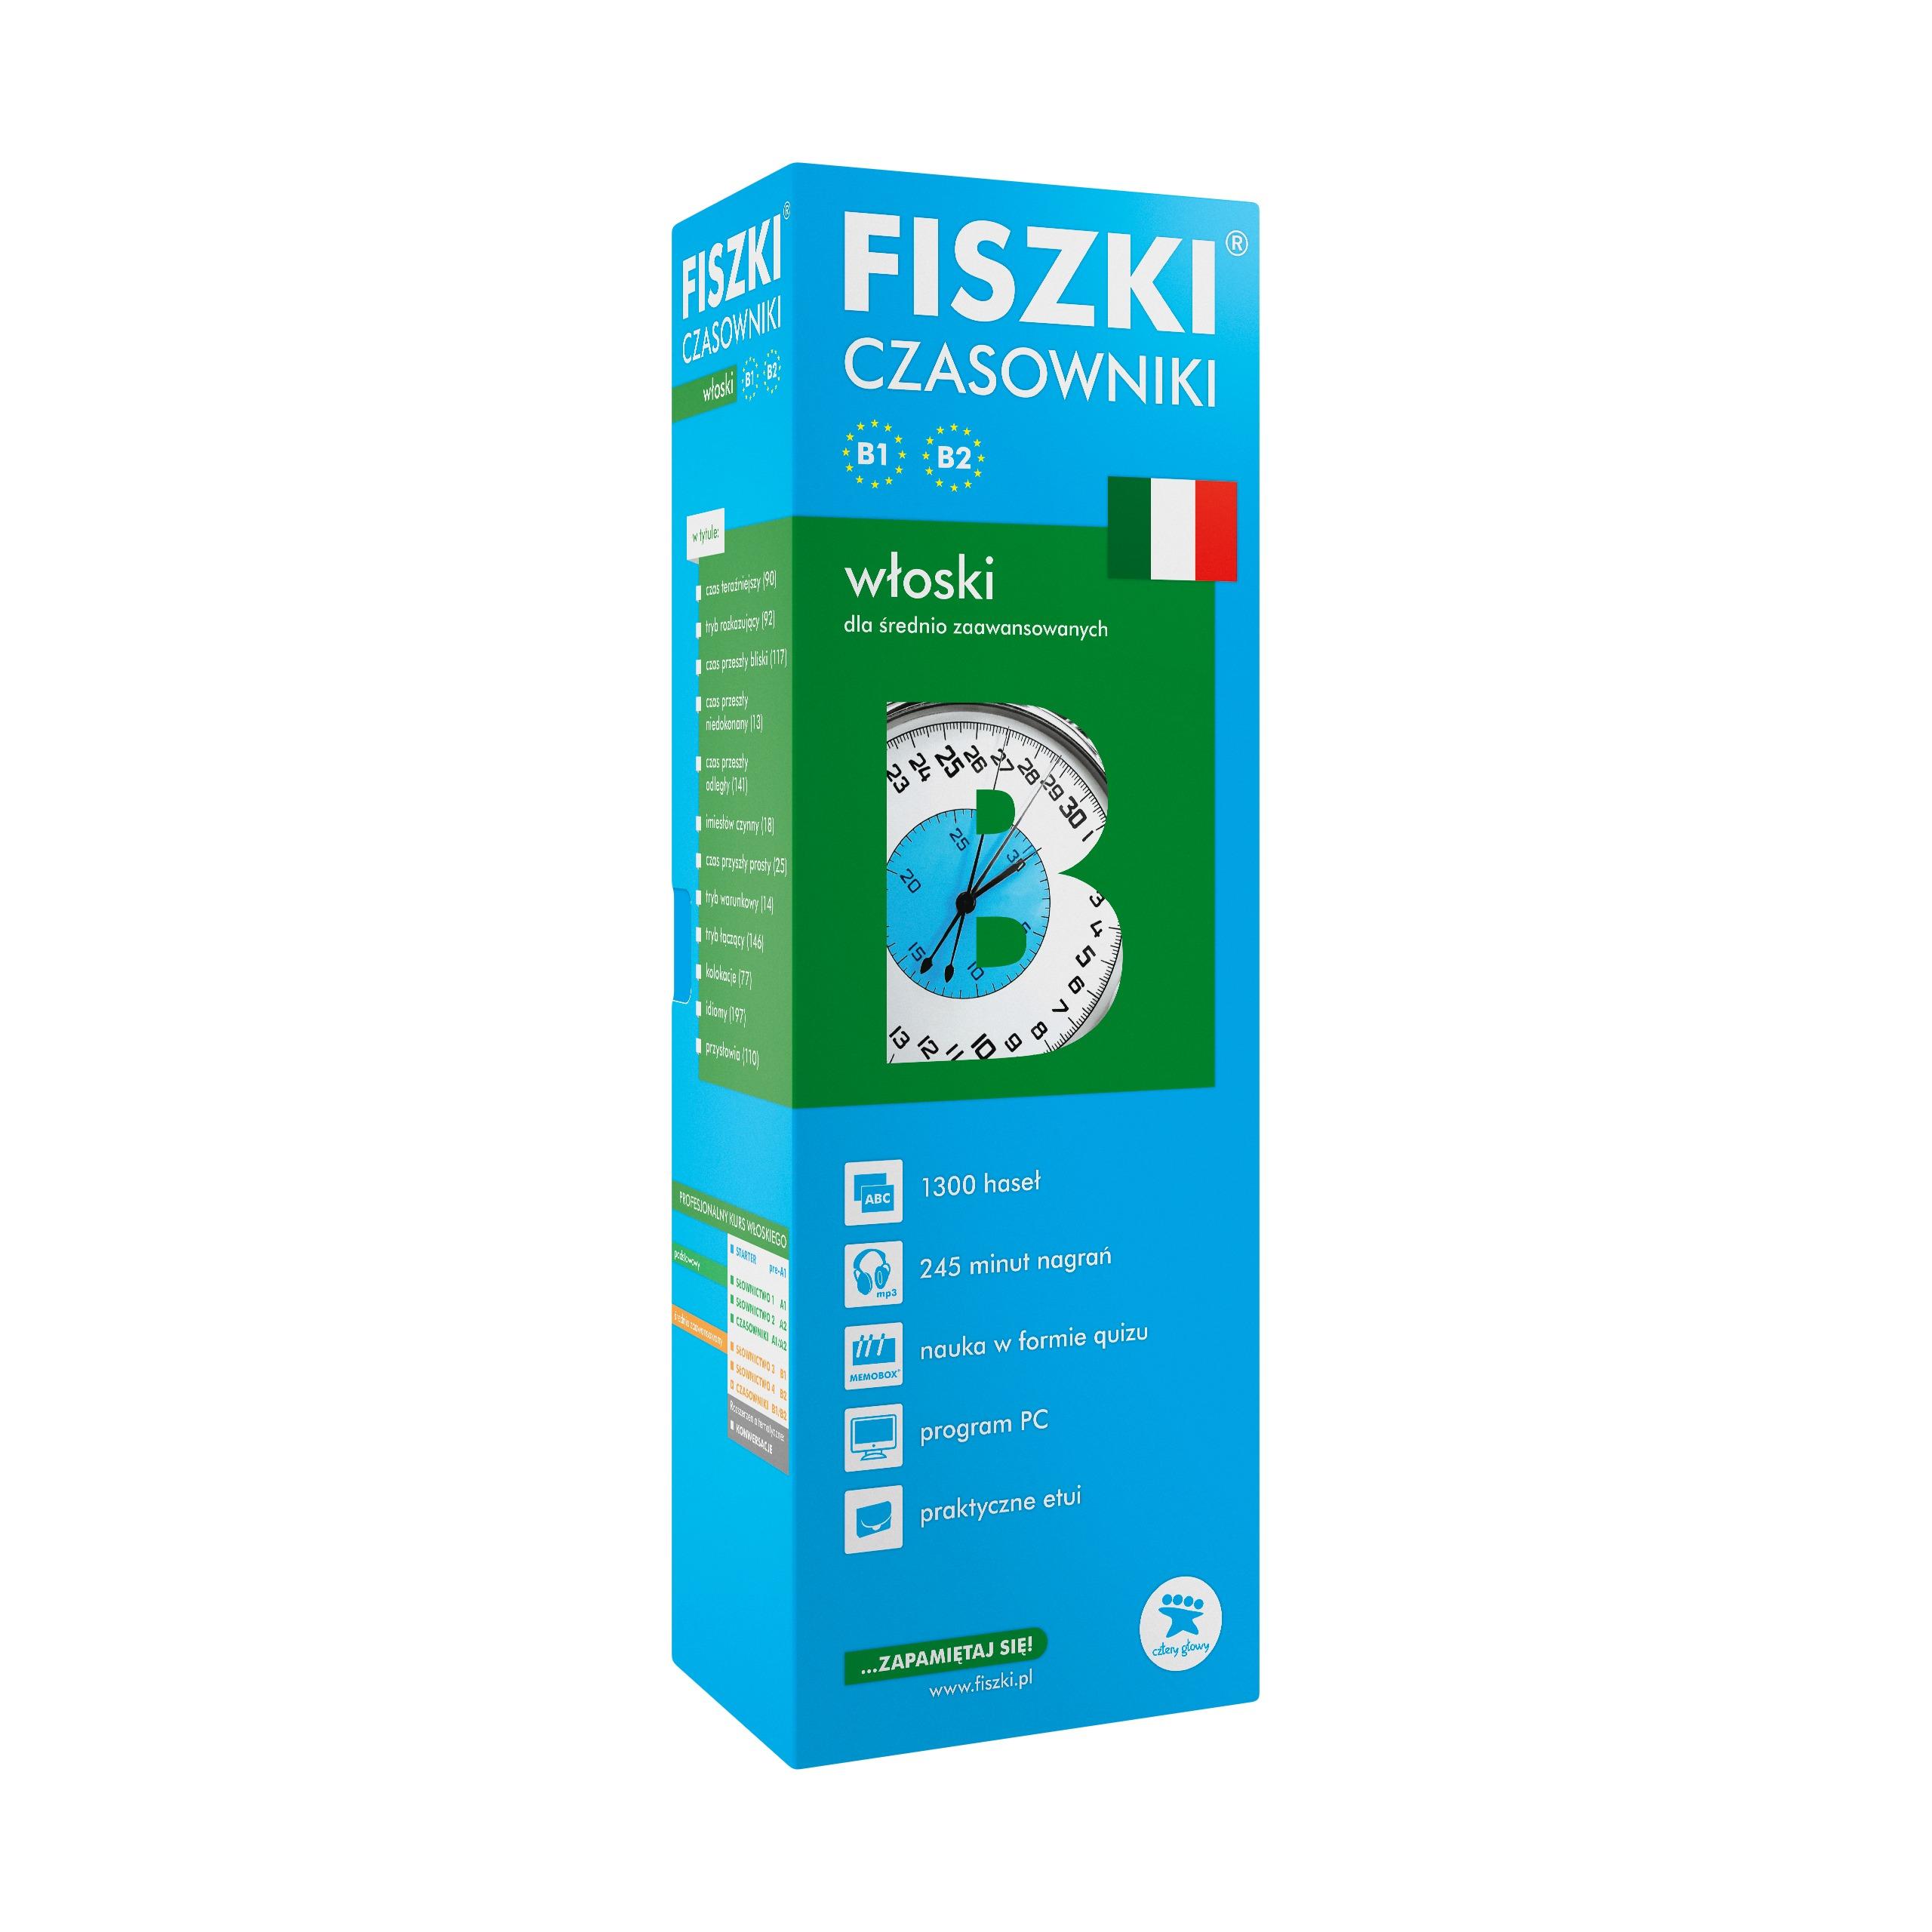 FISZKI - włoski - Czasowniki (B1-B2)